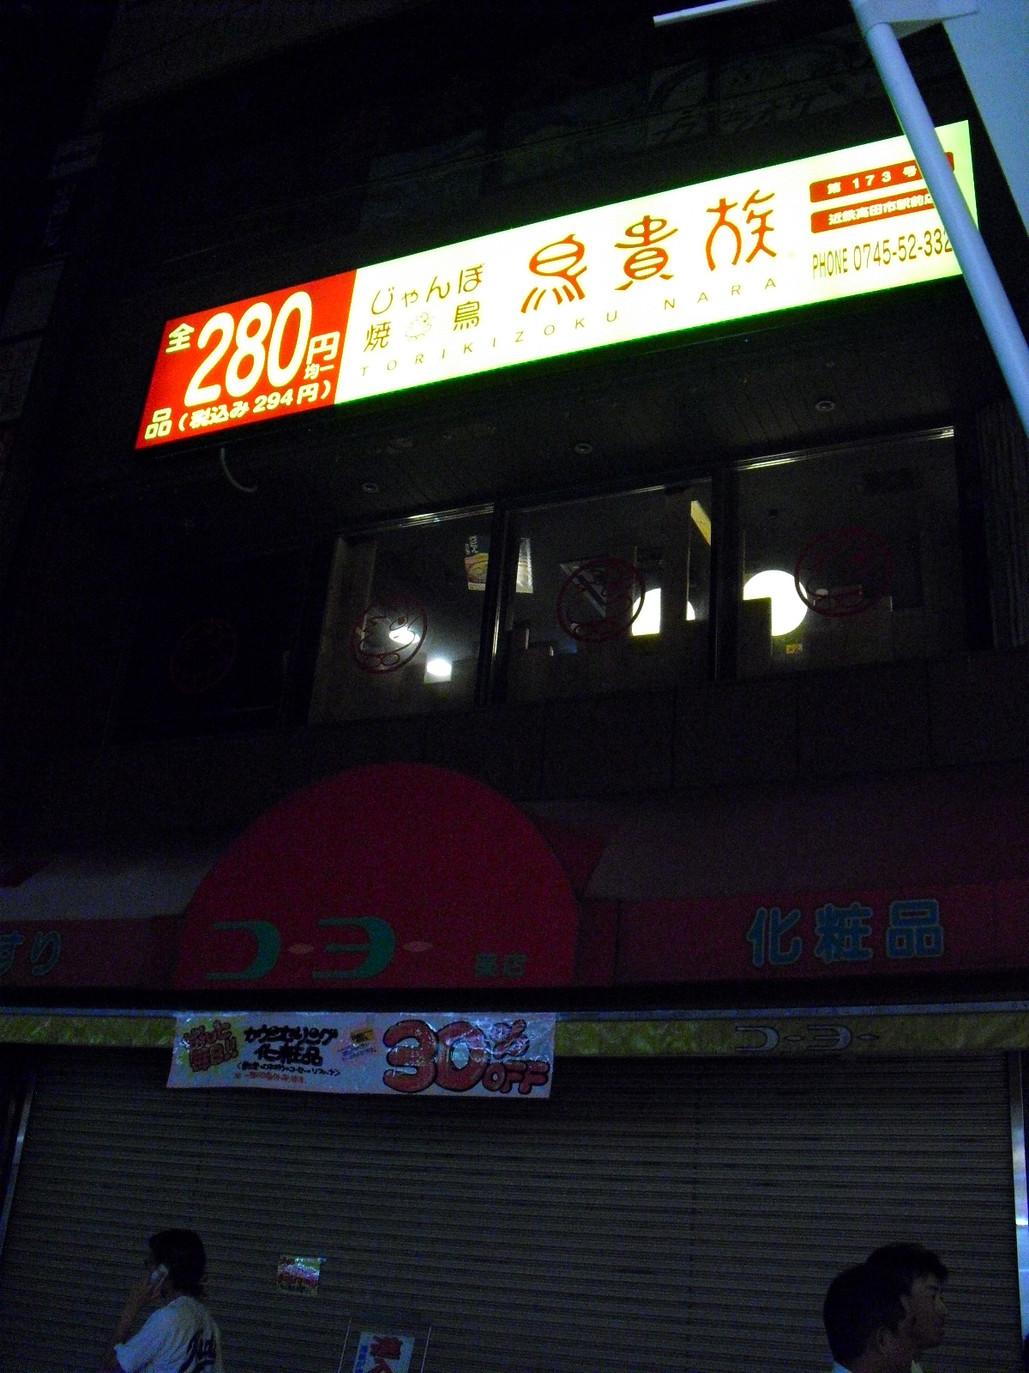 鳥貴族 近鉄高田市駅前店